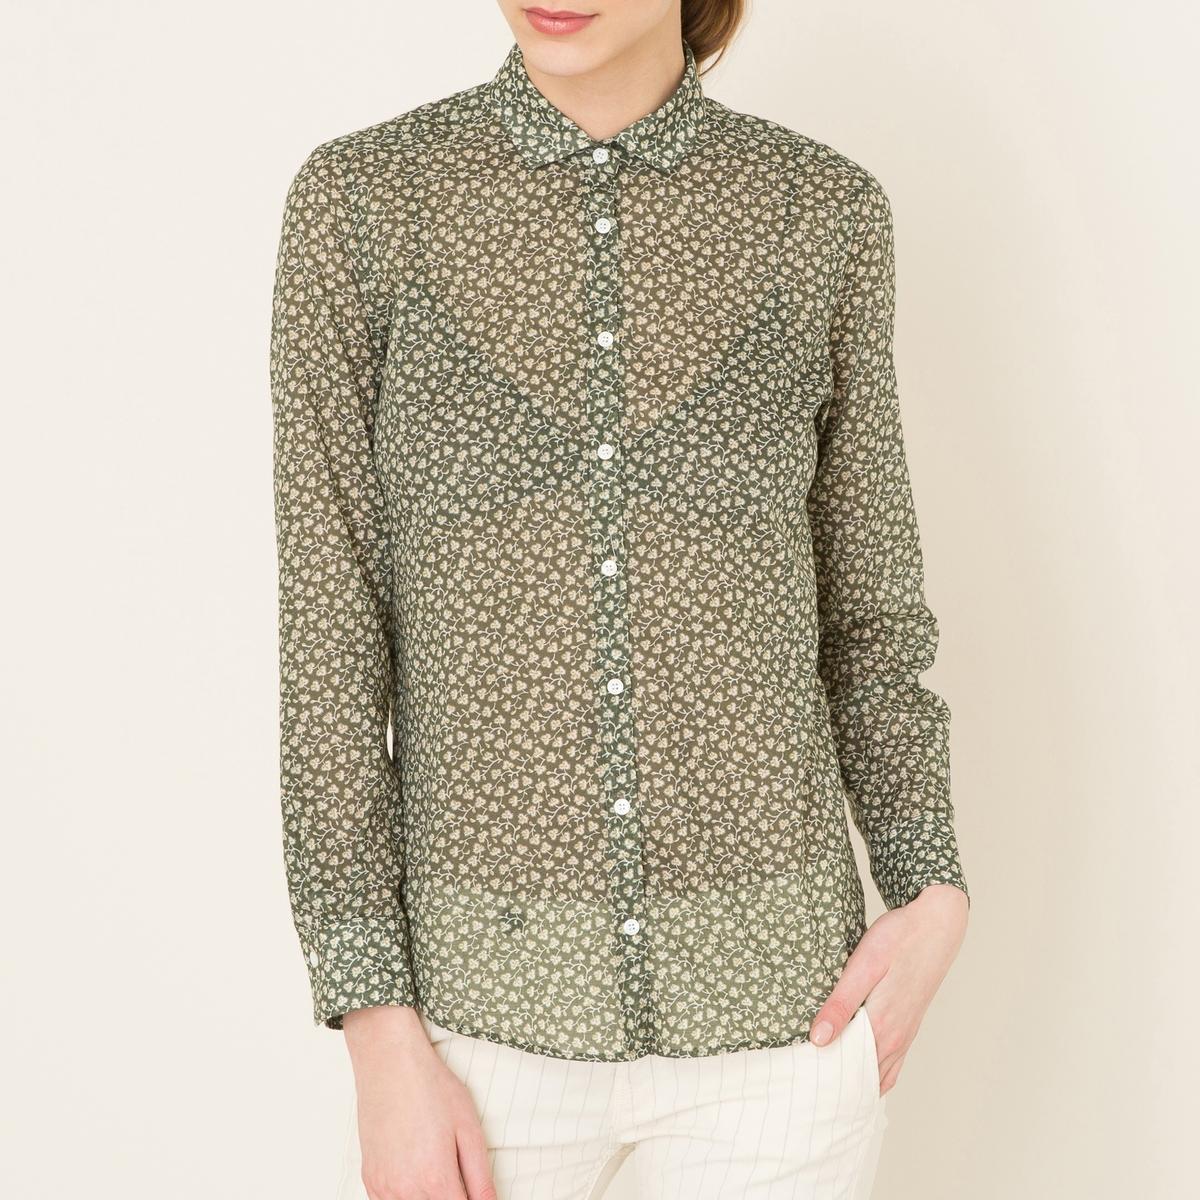 Рубашка с рисункомРубашка HARTFORD - из хлопковой вуали, сплошной рисунок. Рубашечный воротник со свободными уголками. Планка спереди и манжеты с застежкой на пуговицы. Длинные рукава. Закругленный низ.Состав и описание Материал : 100% хлопокМарка : HARTFORD<br><br>Цвет: хаки